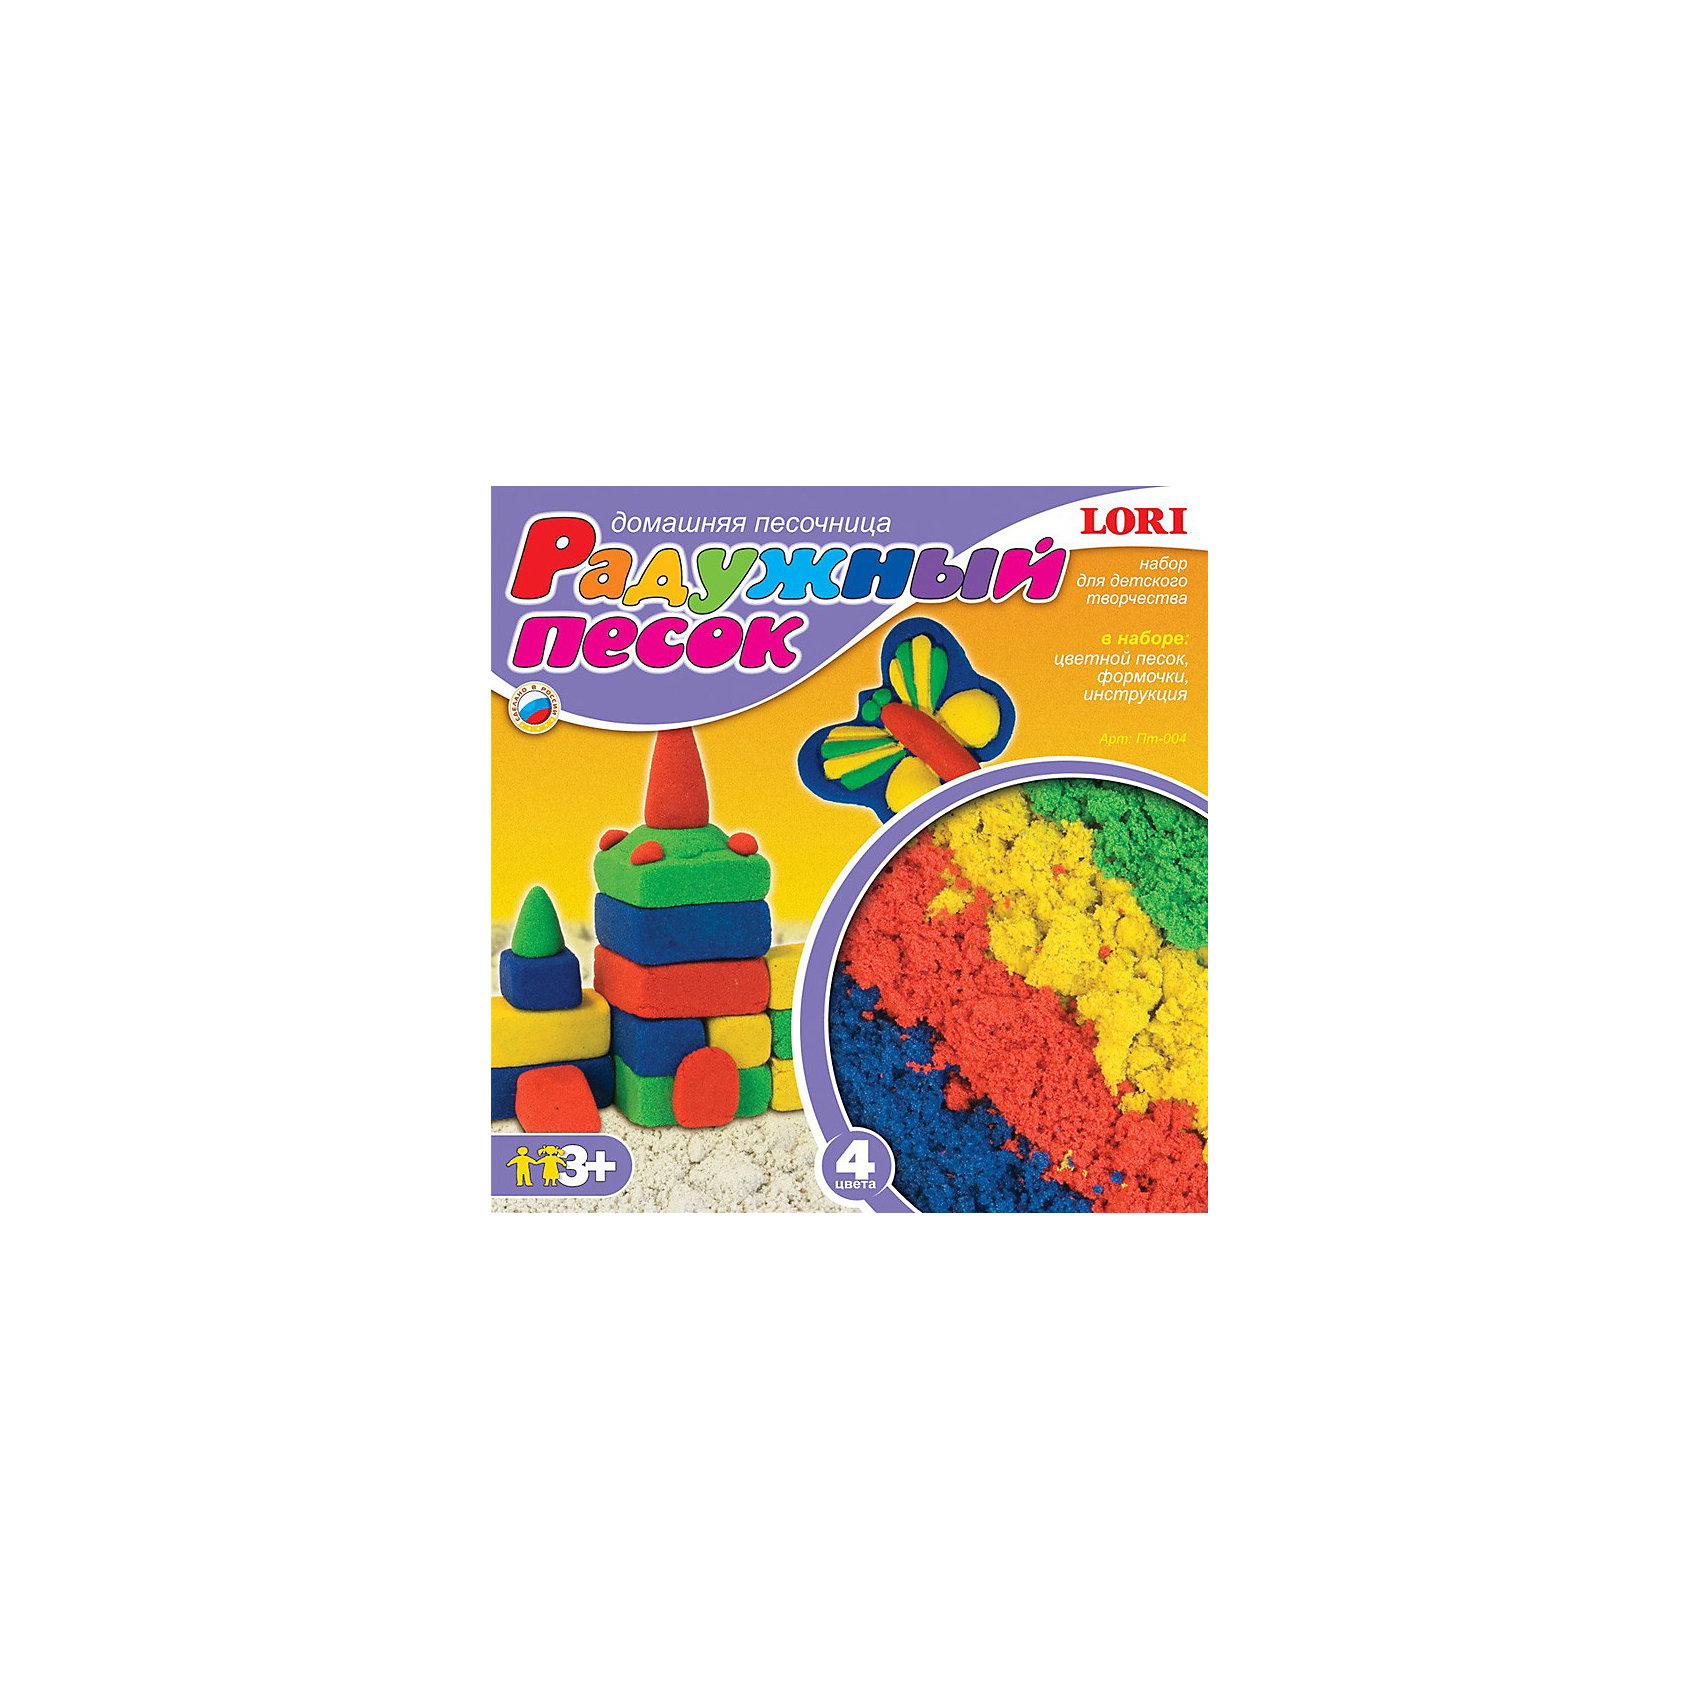 Набор Радужный песок из 4 цветов, LORIНабор Радужный песок из 4 цветов, LORI (Лори) – «домашняя песочница» для ребенка в ненастную погоду.<br><br>Песок – это совершенно удивительный и необыкновенно увлекательный строительный материал для детского творчества. Из него можно лепить яркие цветные, либо одноцветные фигурки, а можно смешивать цвета и получать новые оттенки. На долгие часы «Радужный песок» займет внимание ребенка и в дождь, и в снег, освободив родителей для неотложных дел. <br><br>Характеристики:<br>-«Радужный песок» не пачкается, не рассыпается и не высыхает, лепится с помощью формочек и просто руками<br>-Способствует развитию познавательной активности, мелкой моторики, воображения, игровой деятельности, тактильной чувствительности<br><br>Комплектация:<br>-4 пакетика по 125 мл (зеленый, желтый, синий, красный)<br>-формочки 2 шт.<br>-инструкция<br><br>Дополнительная информация:<br><br>- Вес в упаковке: 625 г<br>- Размеры упаковки: 15 х 15 х 5,3 см<br><br>Работа с «Радужным песочком» подарит вашему ребенку положительные эмоции, а зимой подарит воспоминания о лете, а также поможет развить мелкую моторику рук, внимательность и усидчивость!<br><br>Набор Радужный песок из 4 цветов, LORI (Лори) можно купить в нашем магазине.<br><br>Ширина мм: 154<br>Глубина мм: 154<br>Высота мм: 53<br>Вес г: 625<br>Возраст от месяцев: 36<br>Возраст до месяцев: 120<br>Пол: Унисекс<br>Возраст: Детский<br>SKU: 3635123